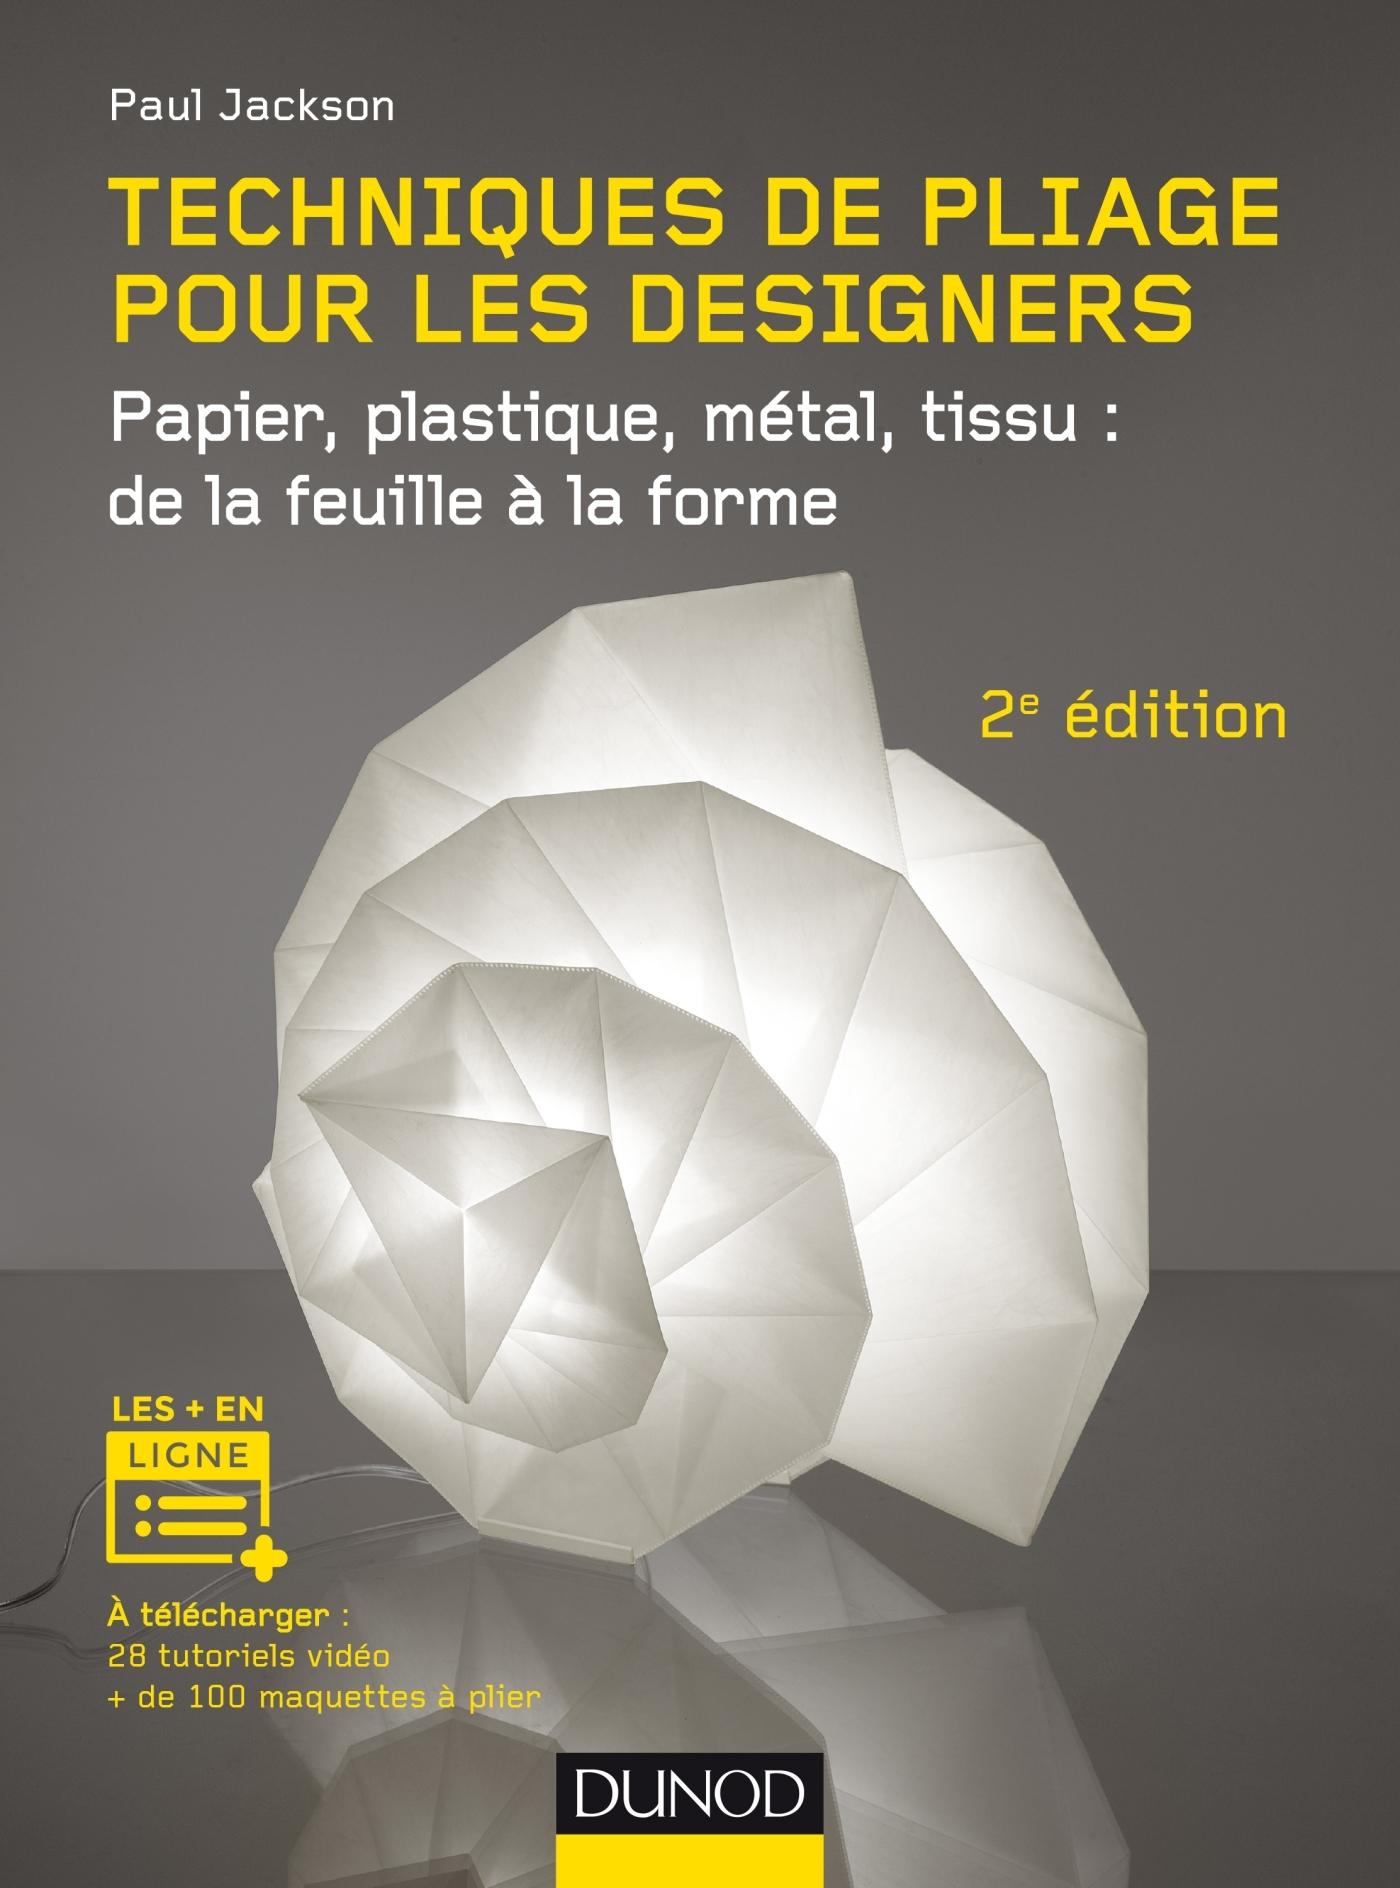 TECHNIQUES DE PLIAGE POUR LES DESIGNERS - 2E ED. - PAPIER, PLASTIQUE, METAL, TISSU : DE LA FEUILLE A